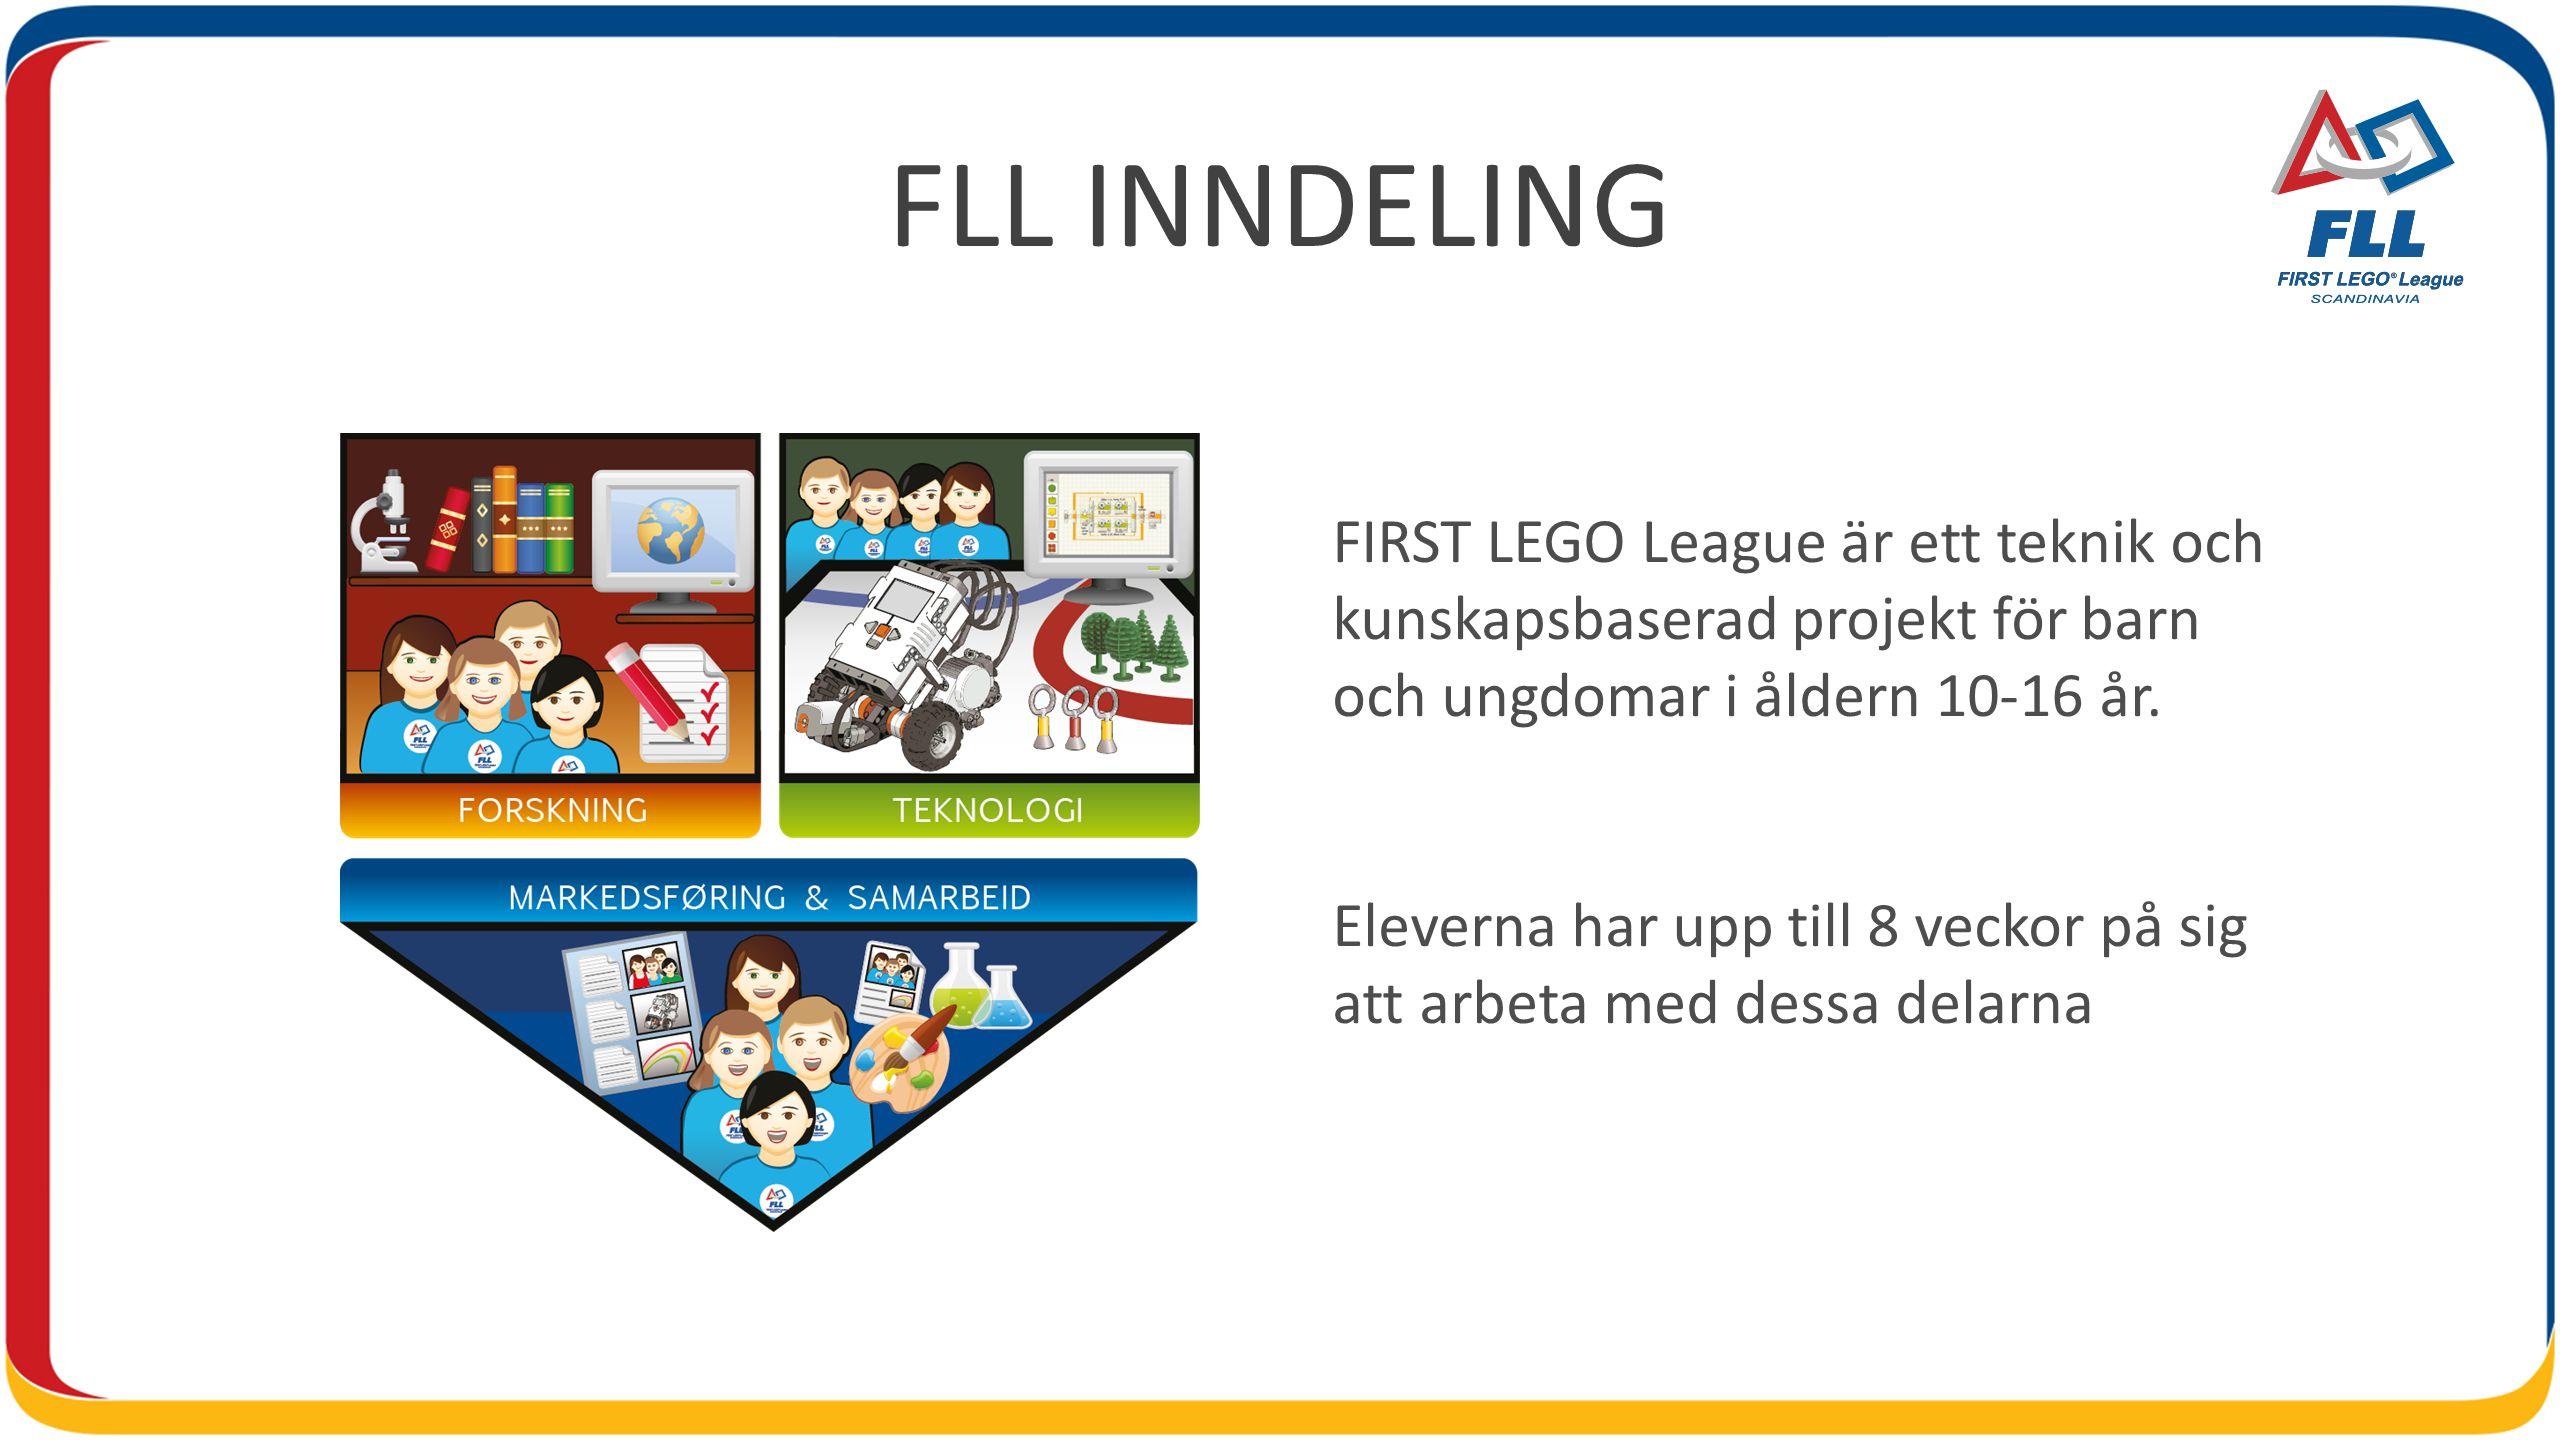 FLL INNDELING FIRST LEGO League är ett teknik och kunskapsbaserad projekt för barn och ungdomar i åldern 10-16 år.